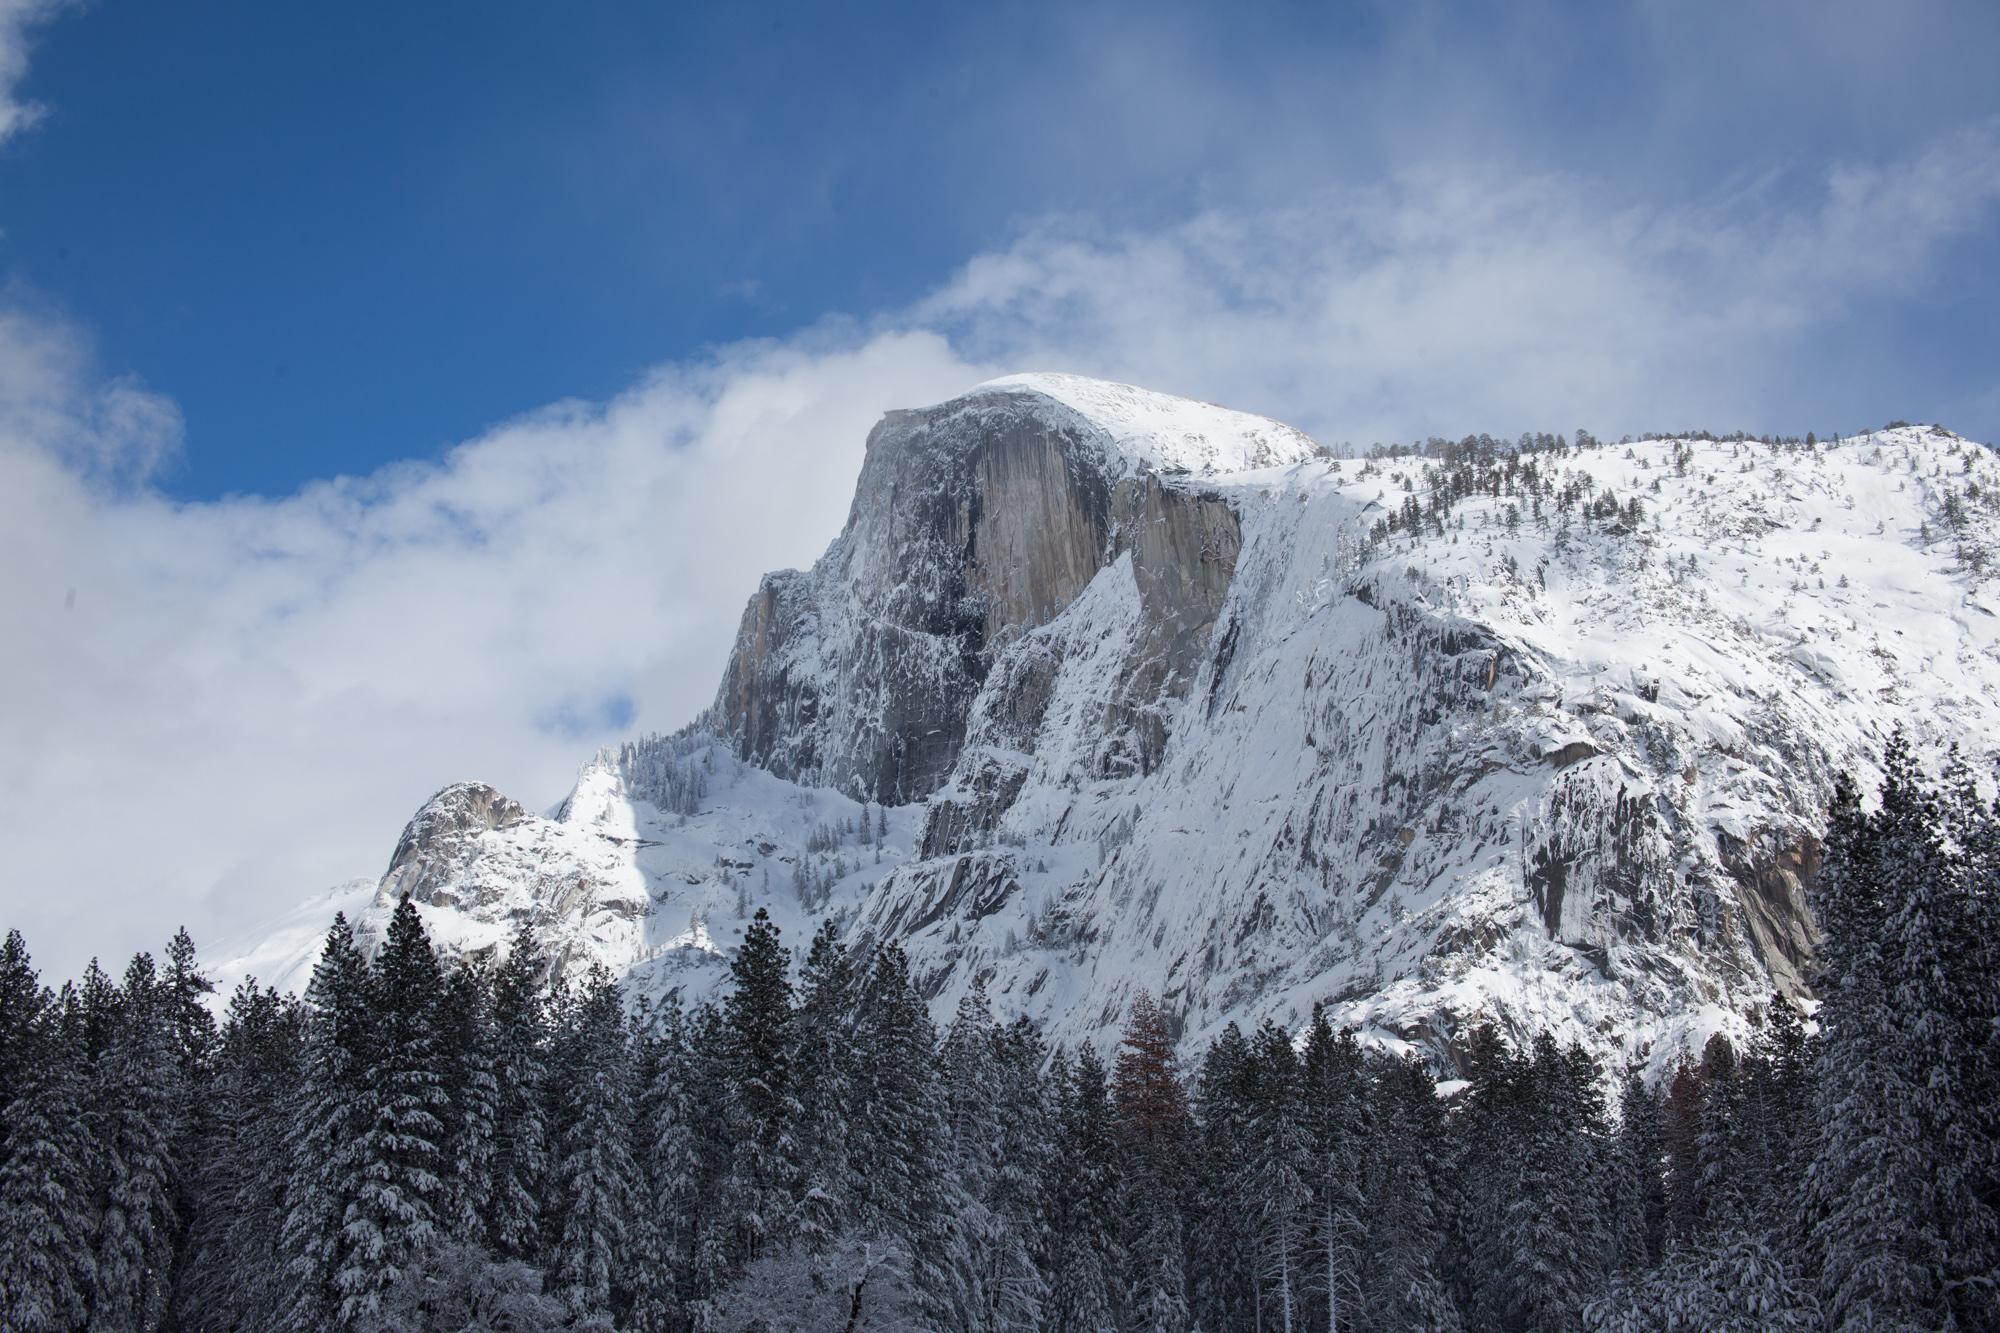 2019-02 Yosemite-7.jpg